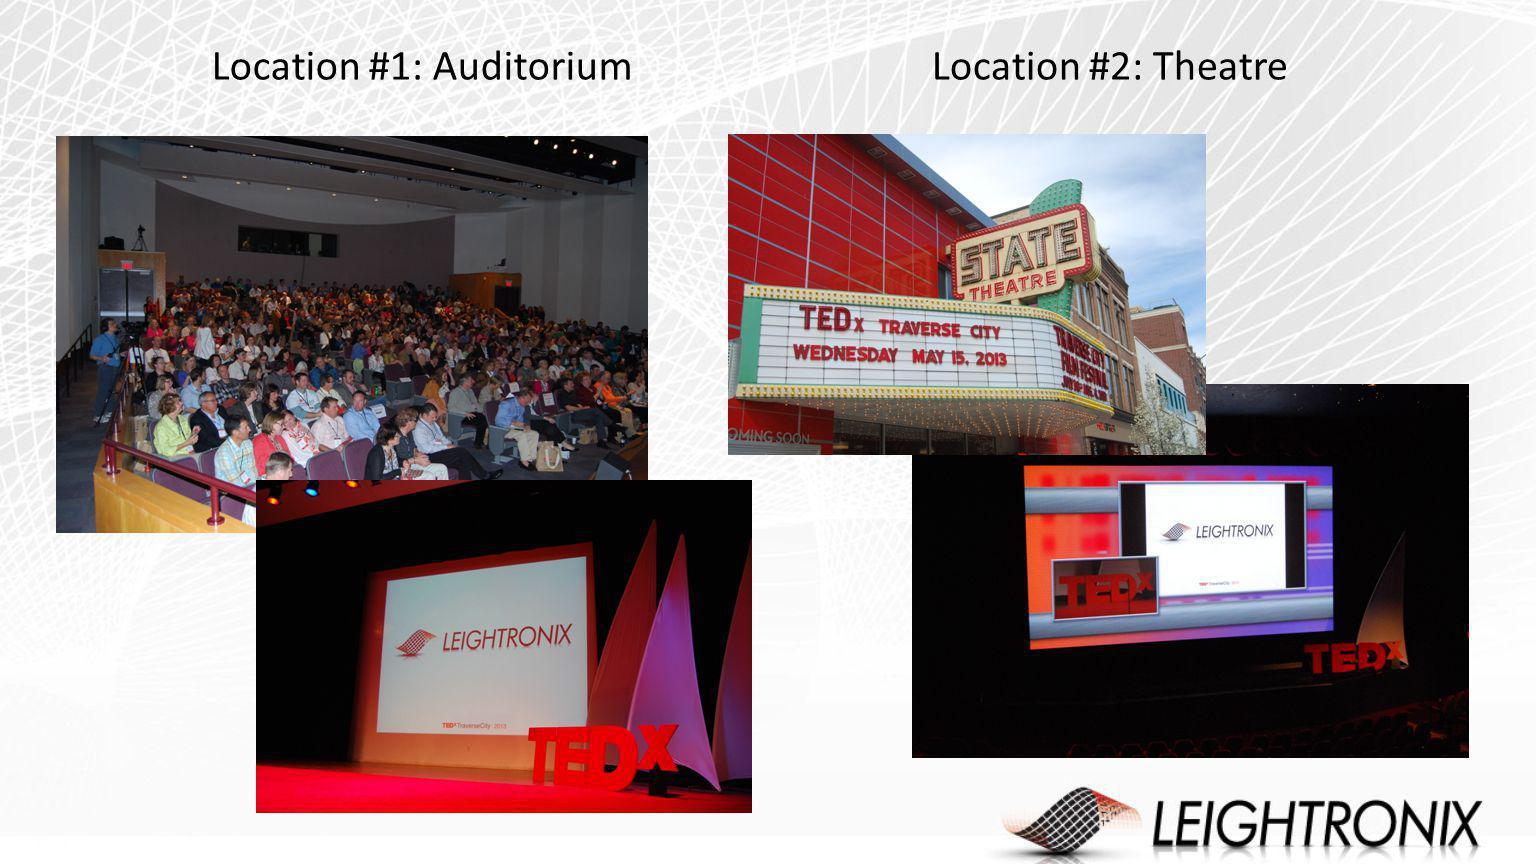 Location #1: AuditoriumLocation #2: Theatre